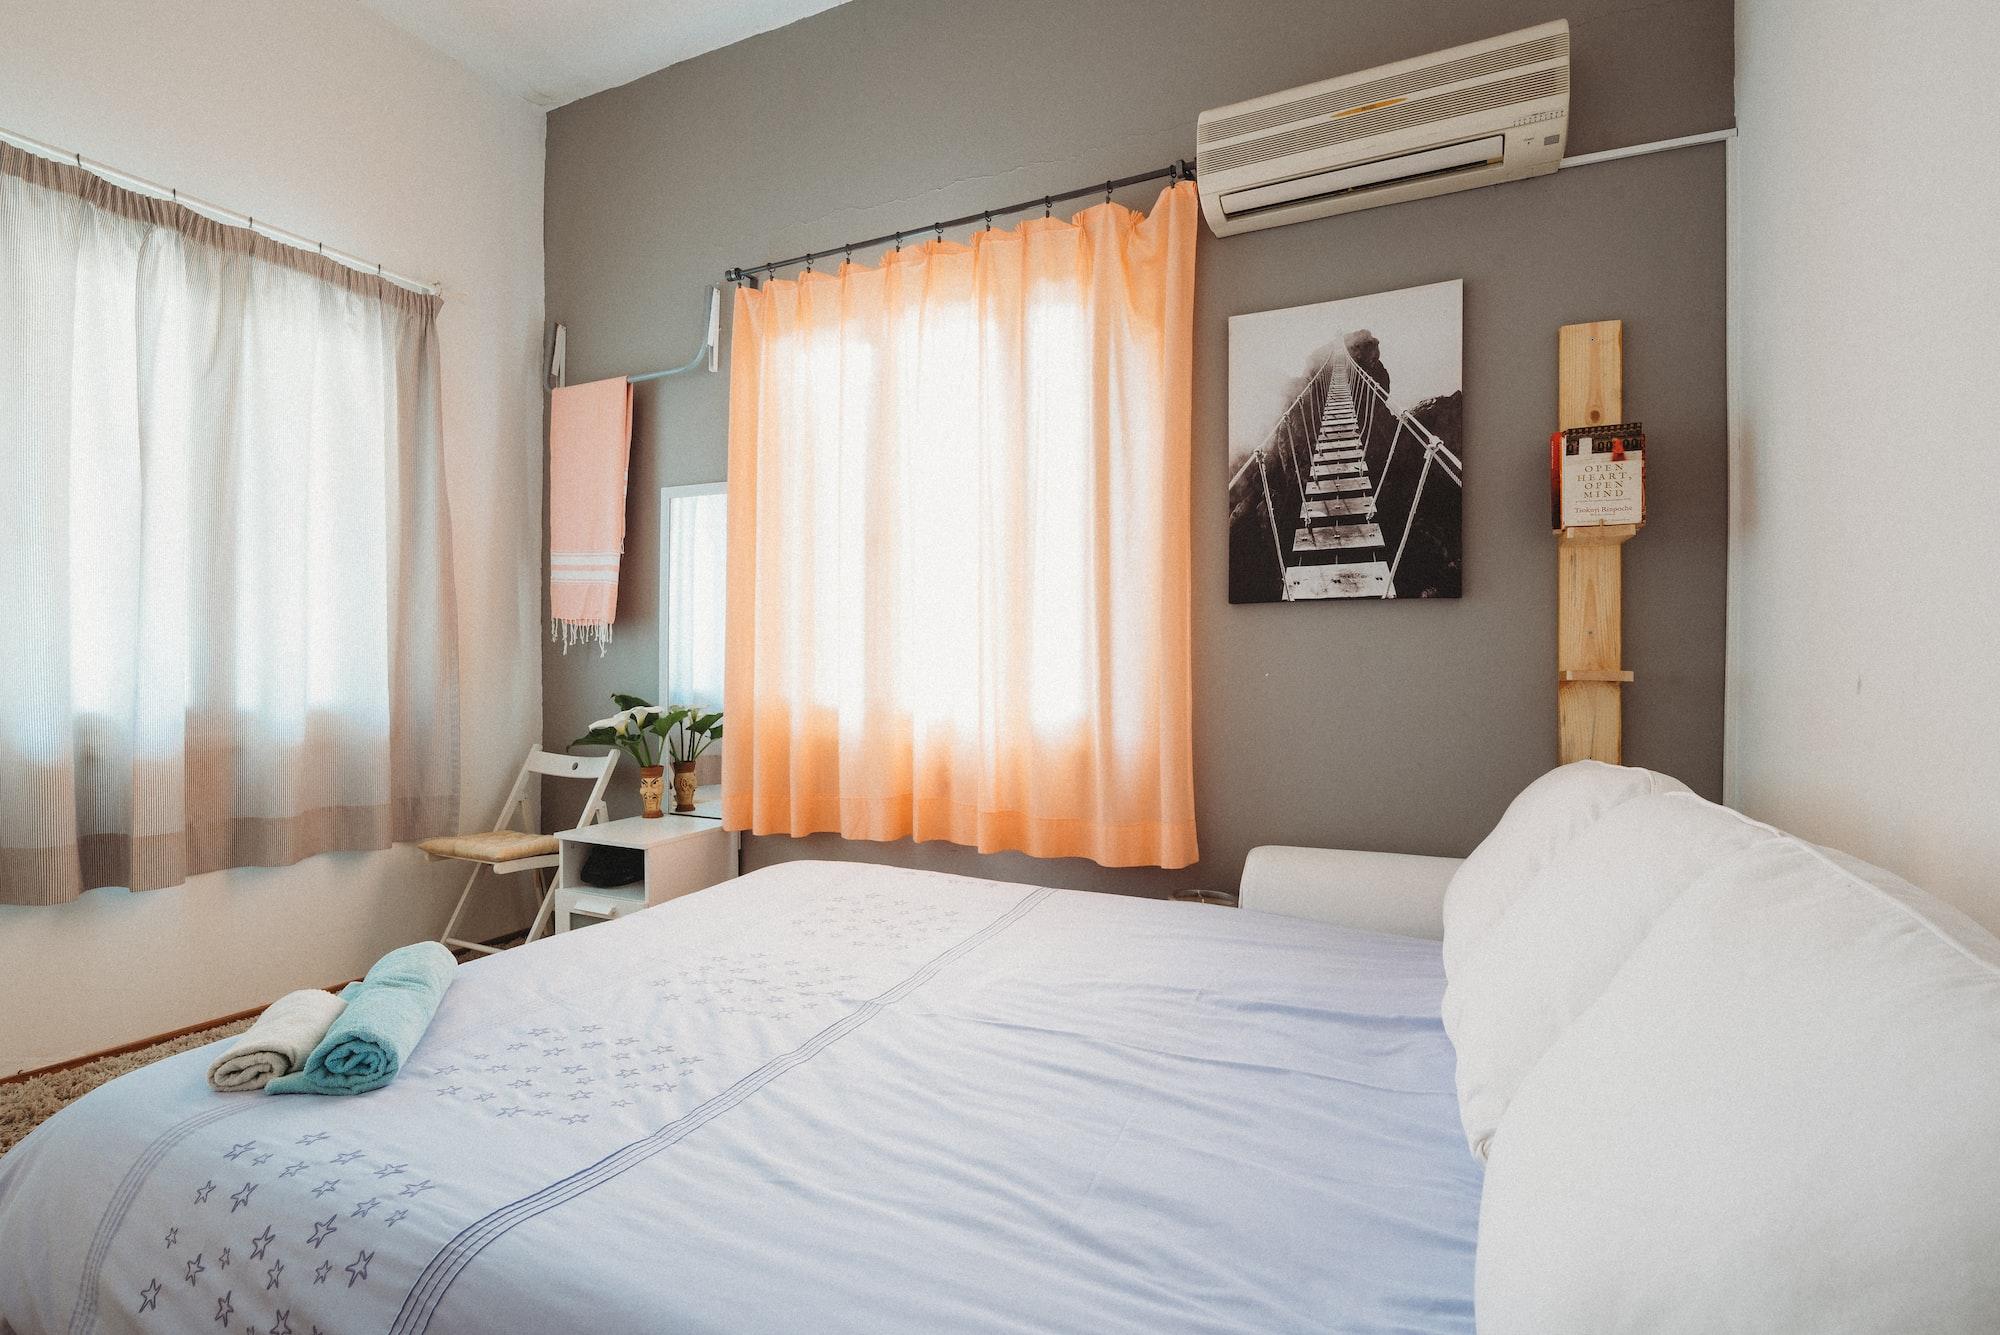 Πως να επιλέξετε έναν Property Manager για την διαχείρηση του Airbnb σας ;